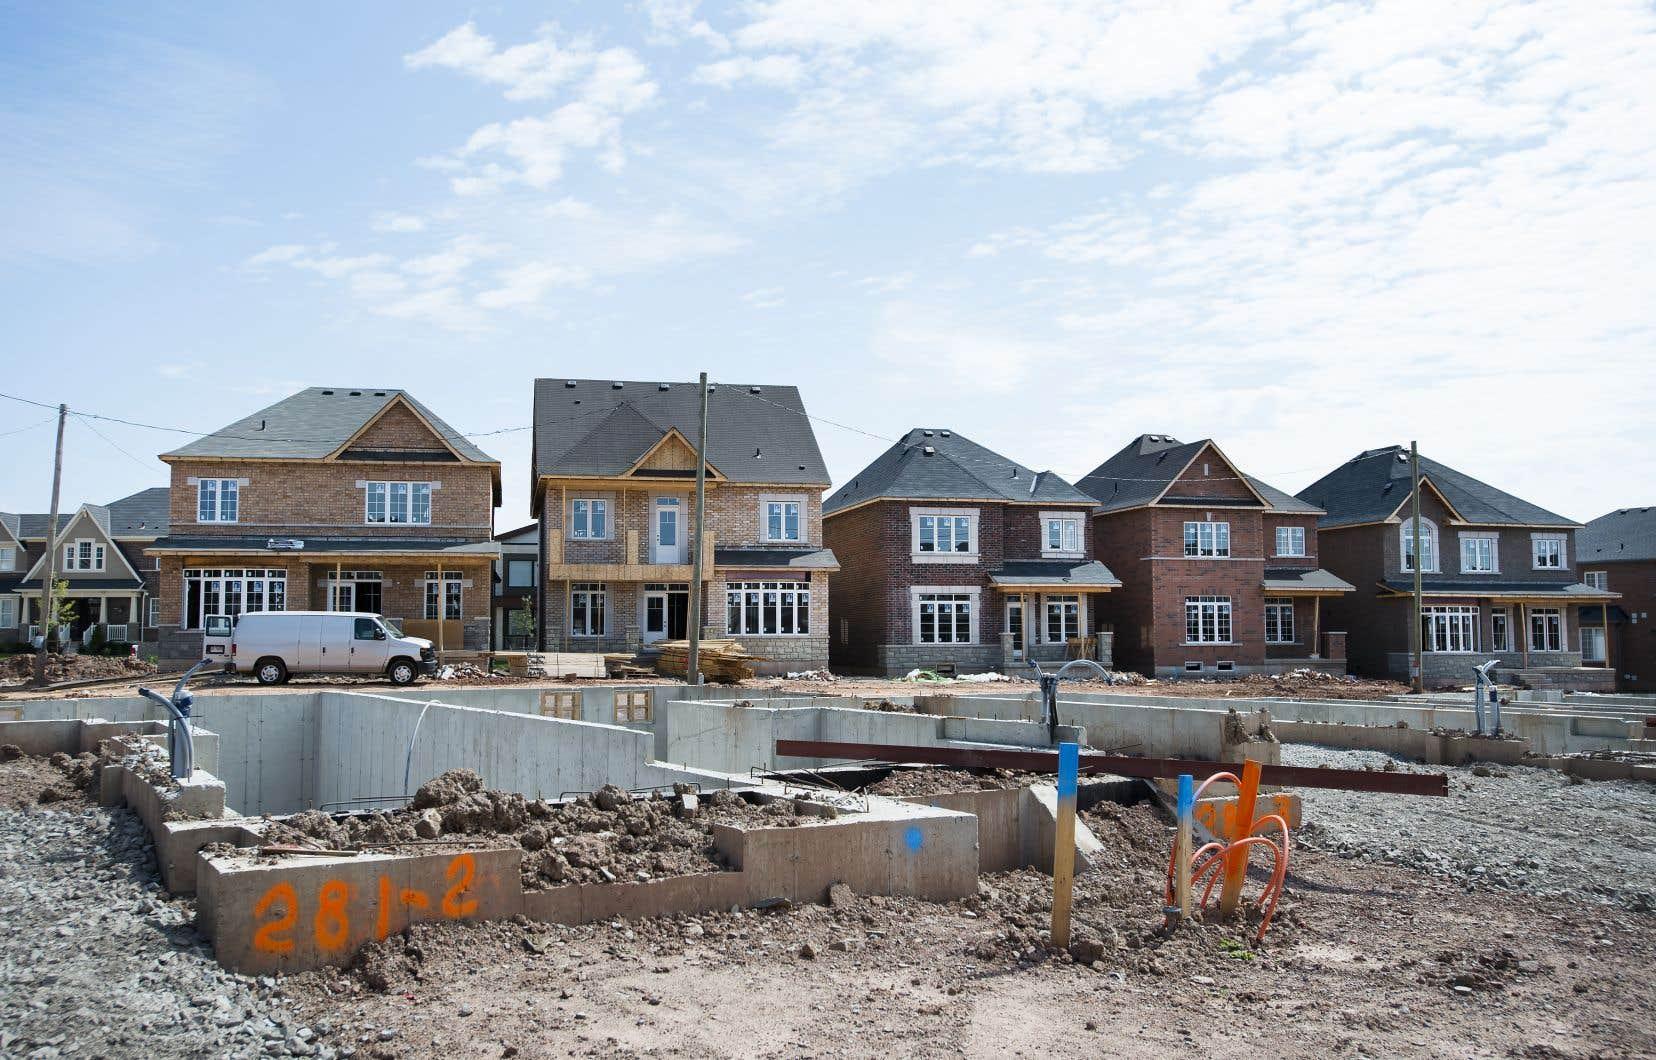 Les prix dans la construction neuve reflètent également une hausse des coûts de construction provoquée par la crise sanitaire et l'impact des taux d'intérêt maintenus à leurs bas historiques.